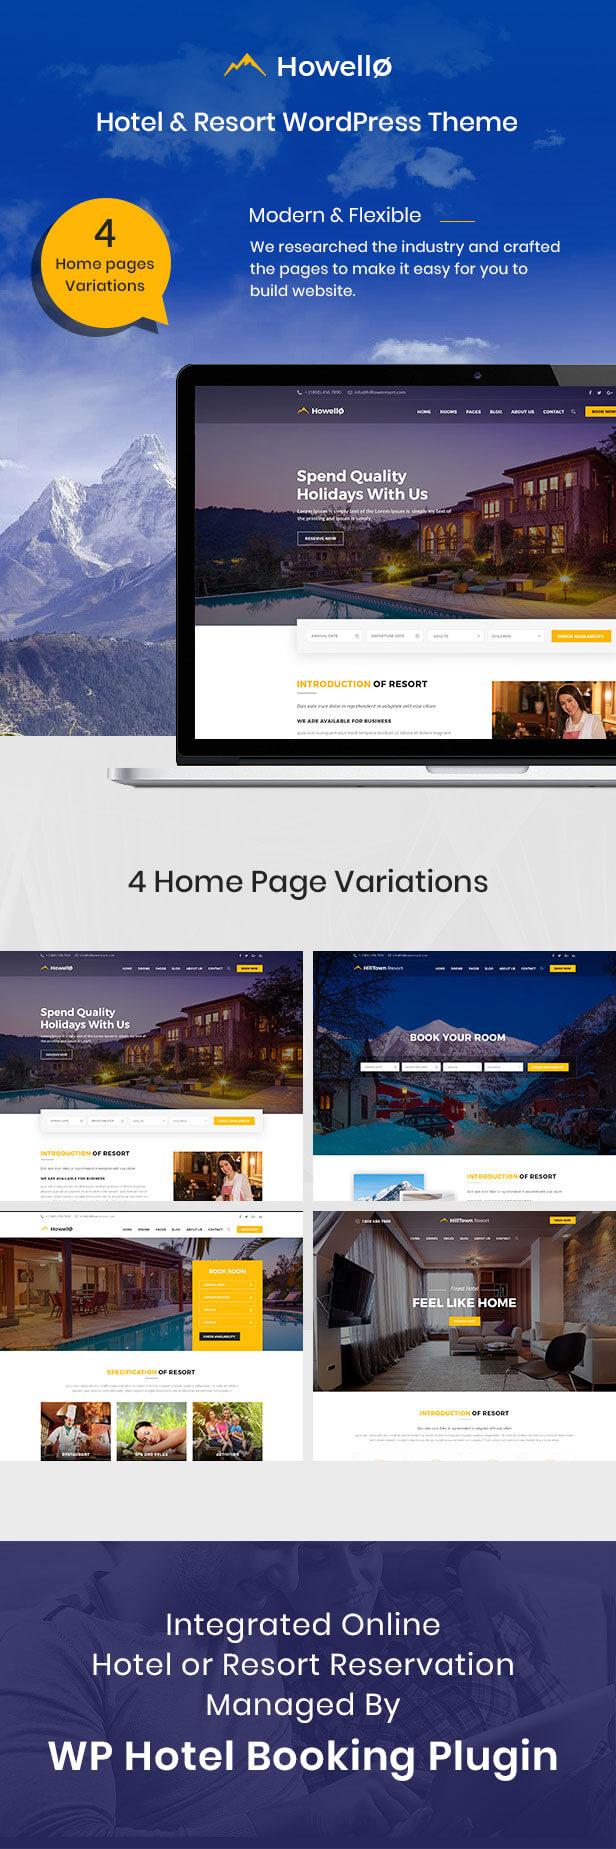 Howello : Hotel and Resort WordPress Theme - 3